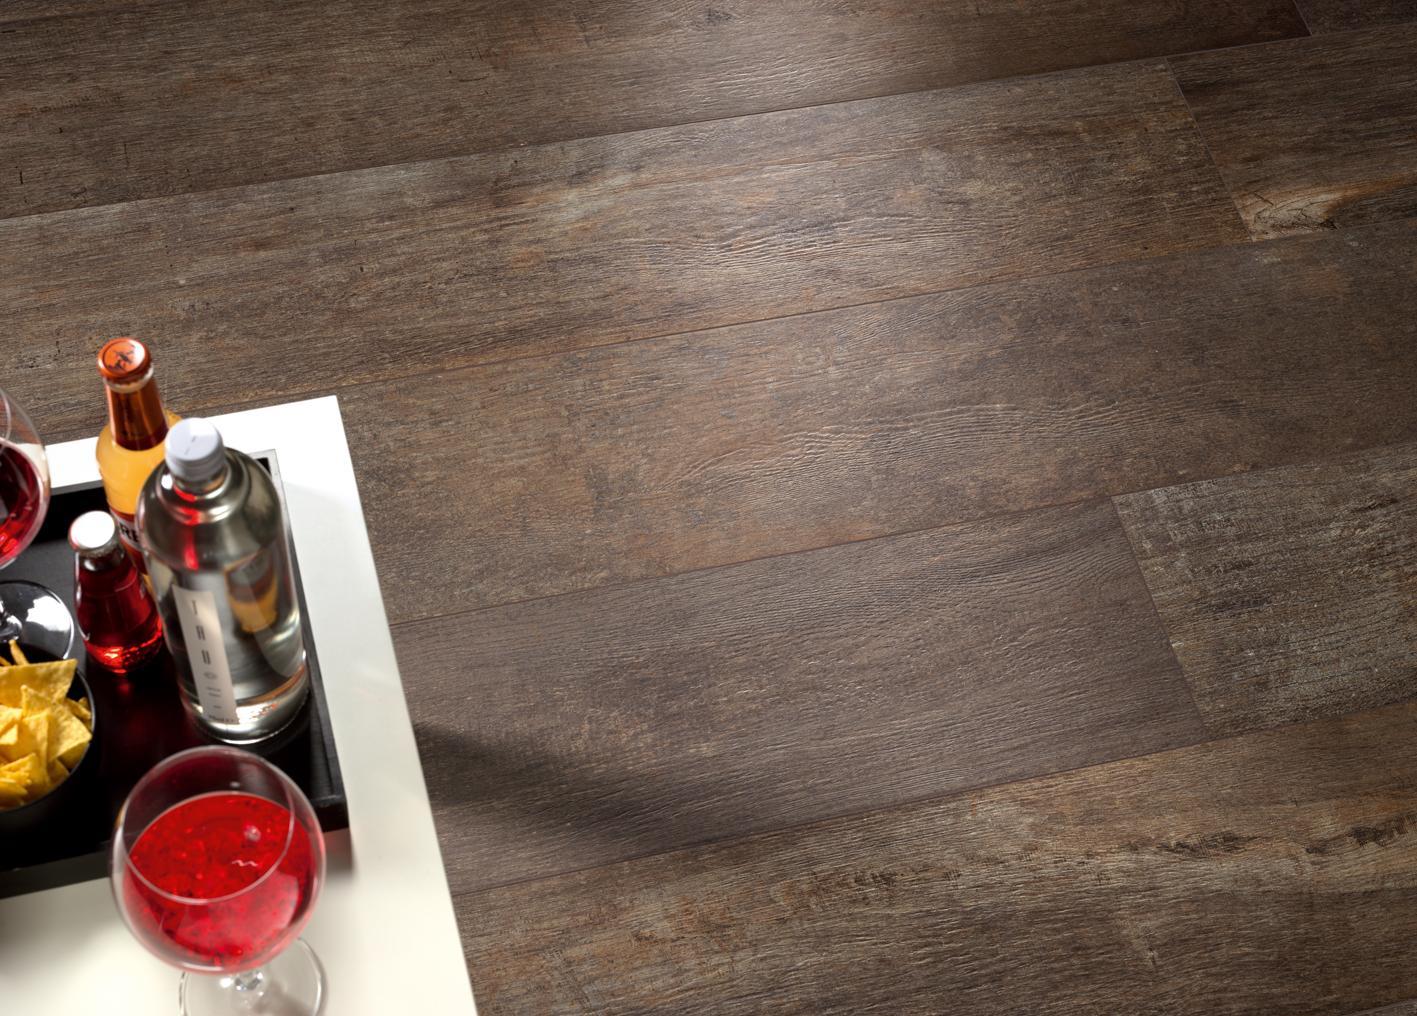 Kollektion Epoque Bodenbelag Fliesen Wohnzimmer CCeramiche Refin